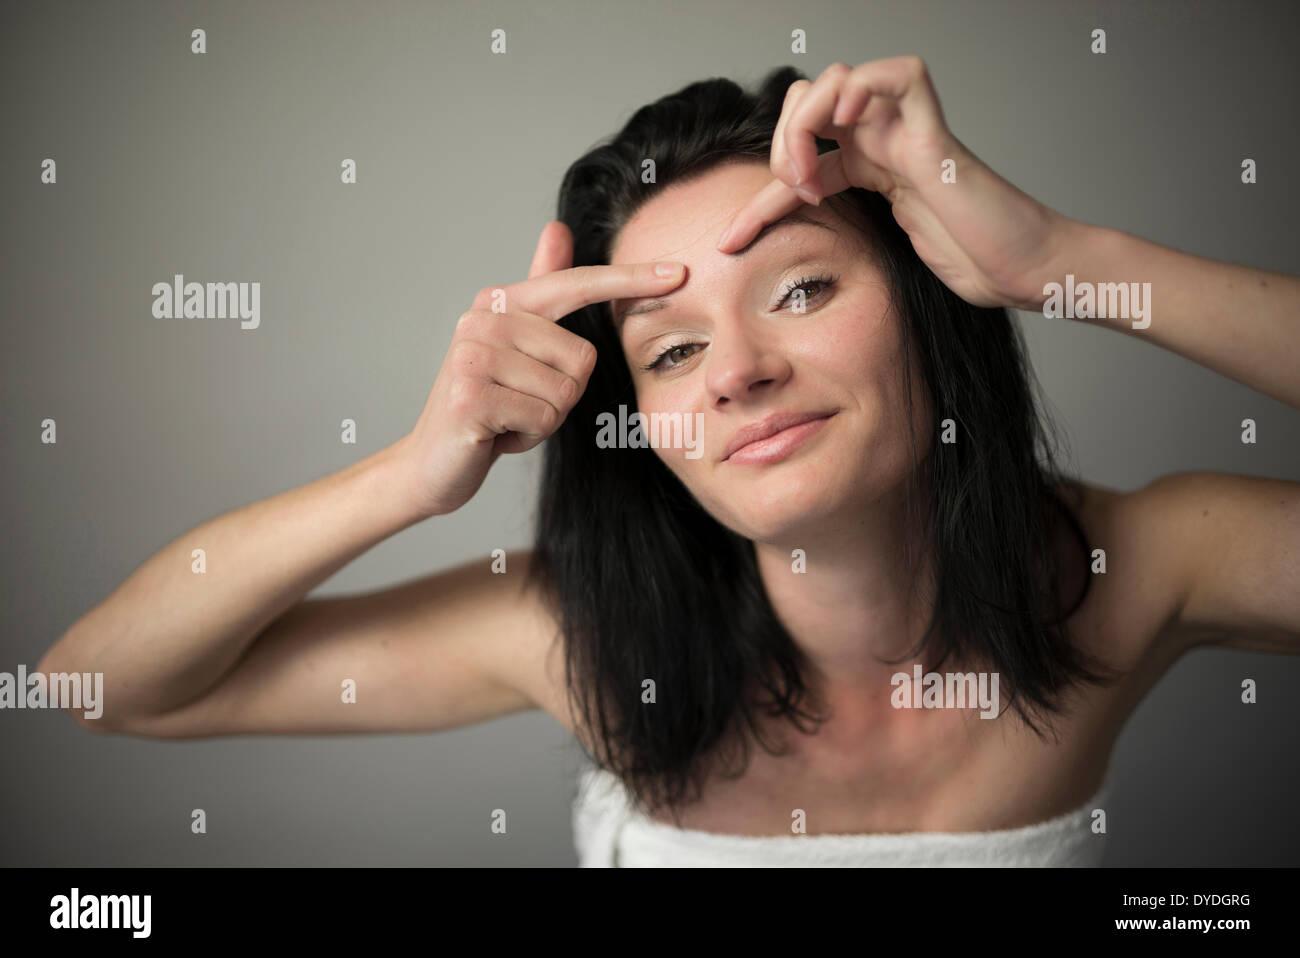 Eine schöne freche Mädchen drückte ihre Stirn. Stockbild